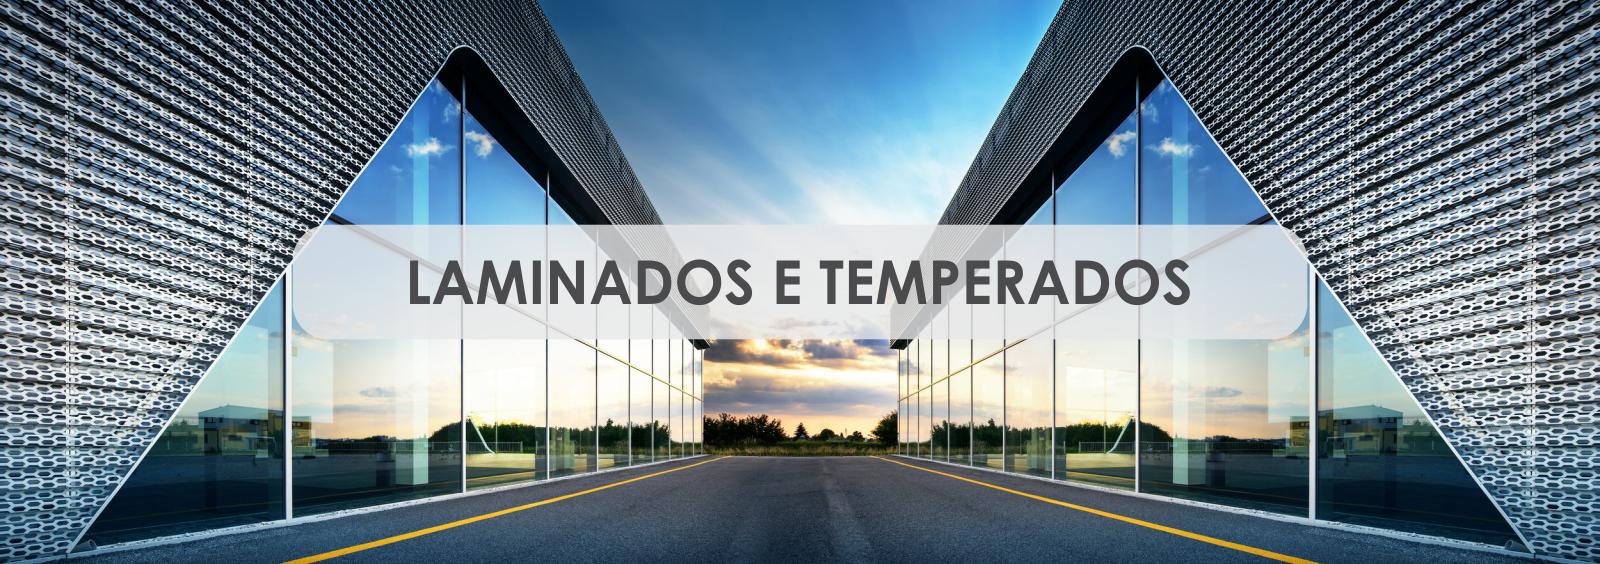 Lamina Temper - Vidro Temperado - Vidro Laminado